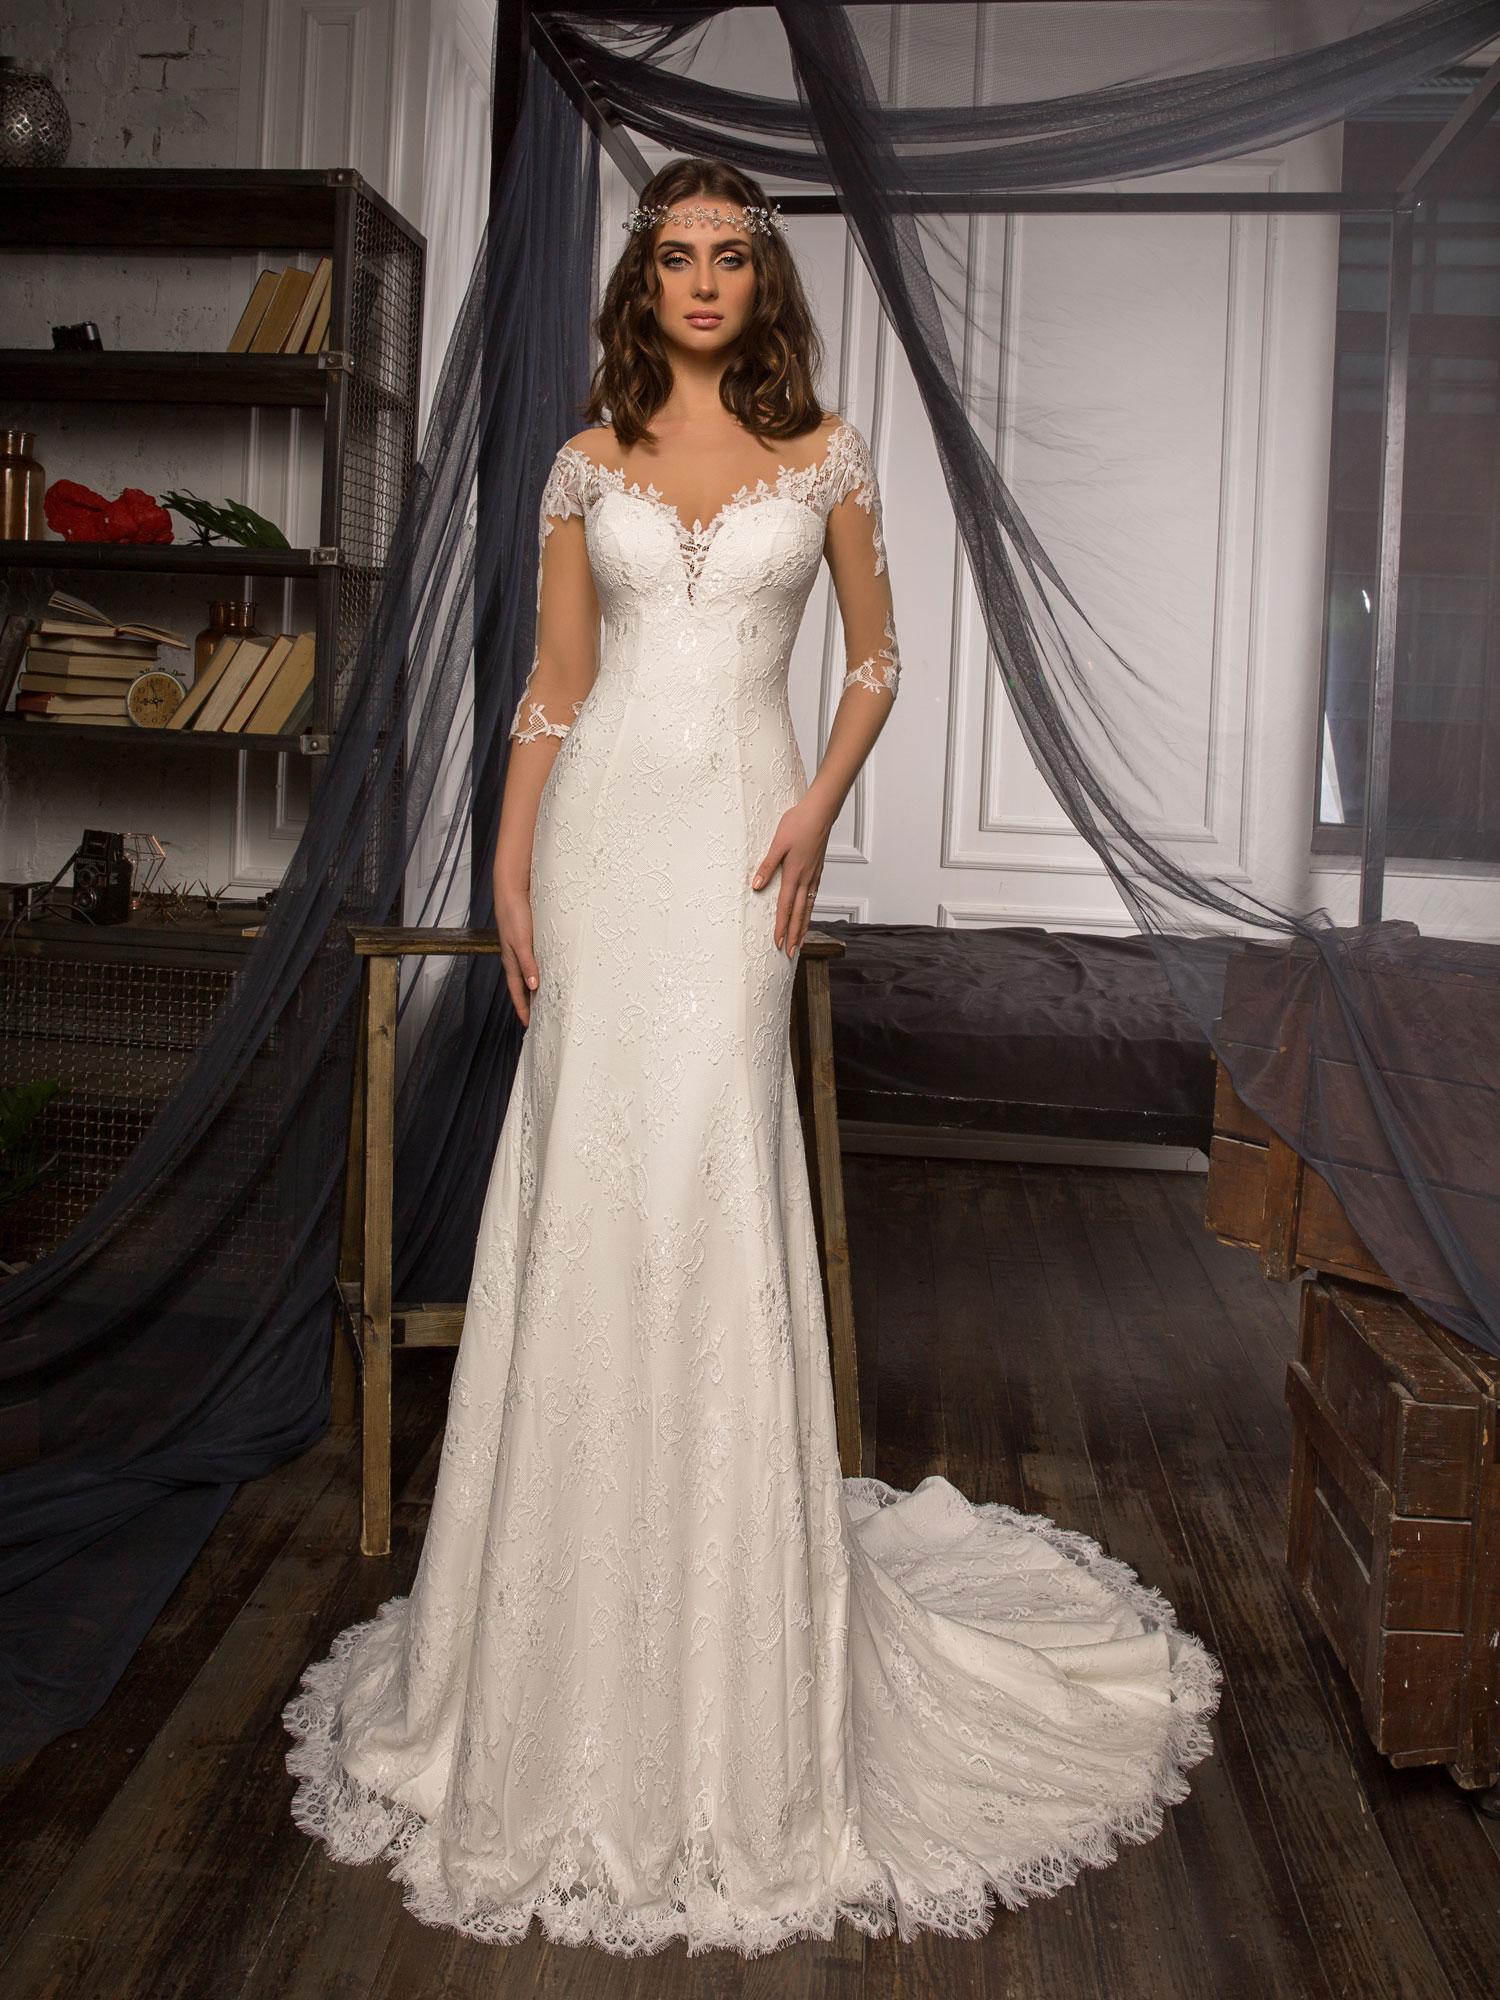 Robe de mariée sirène Bordeaux chez White